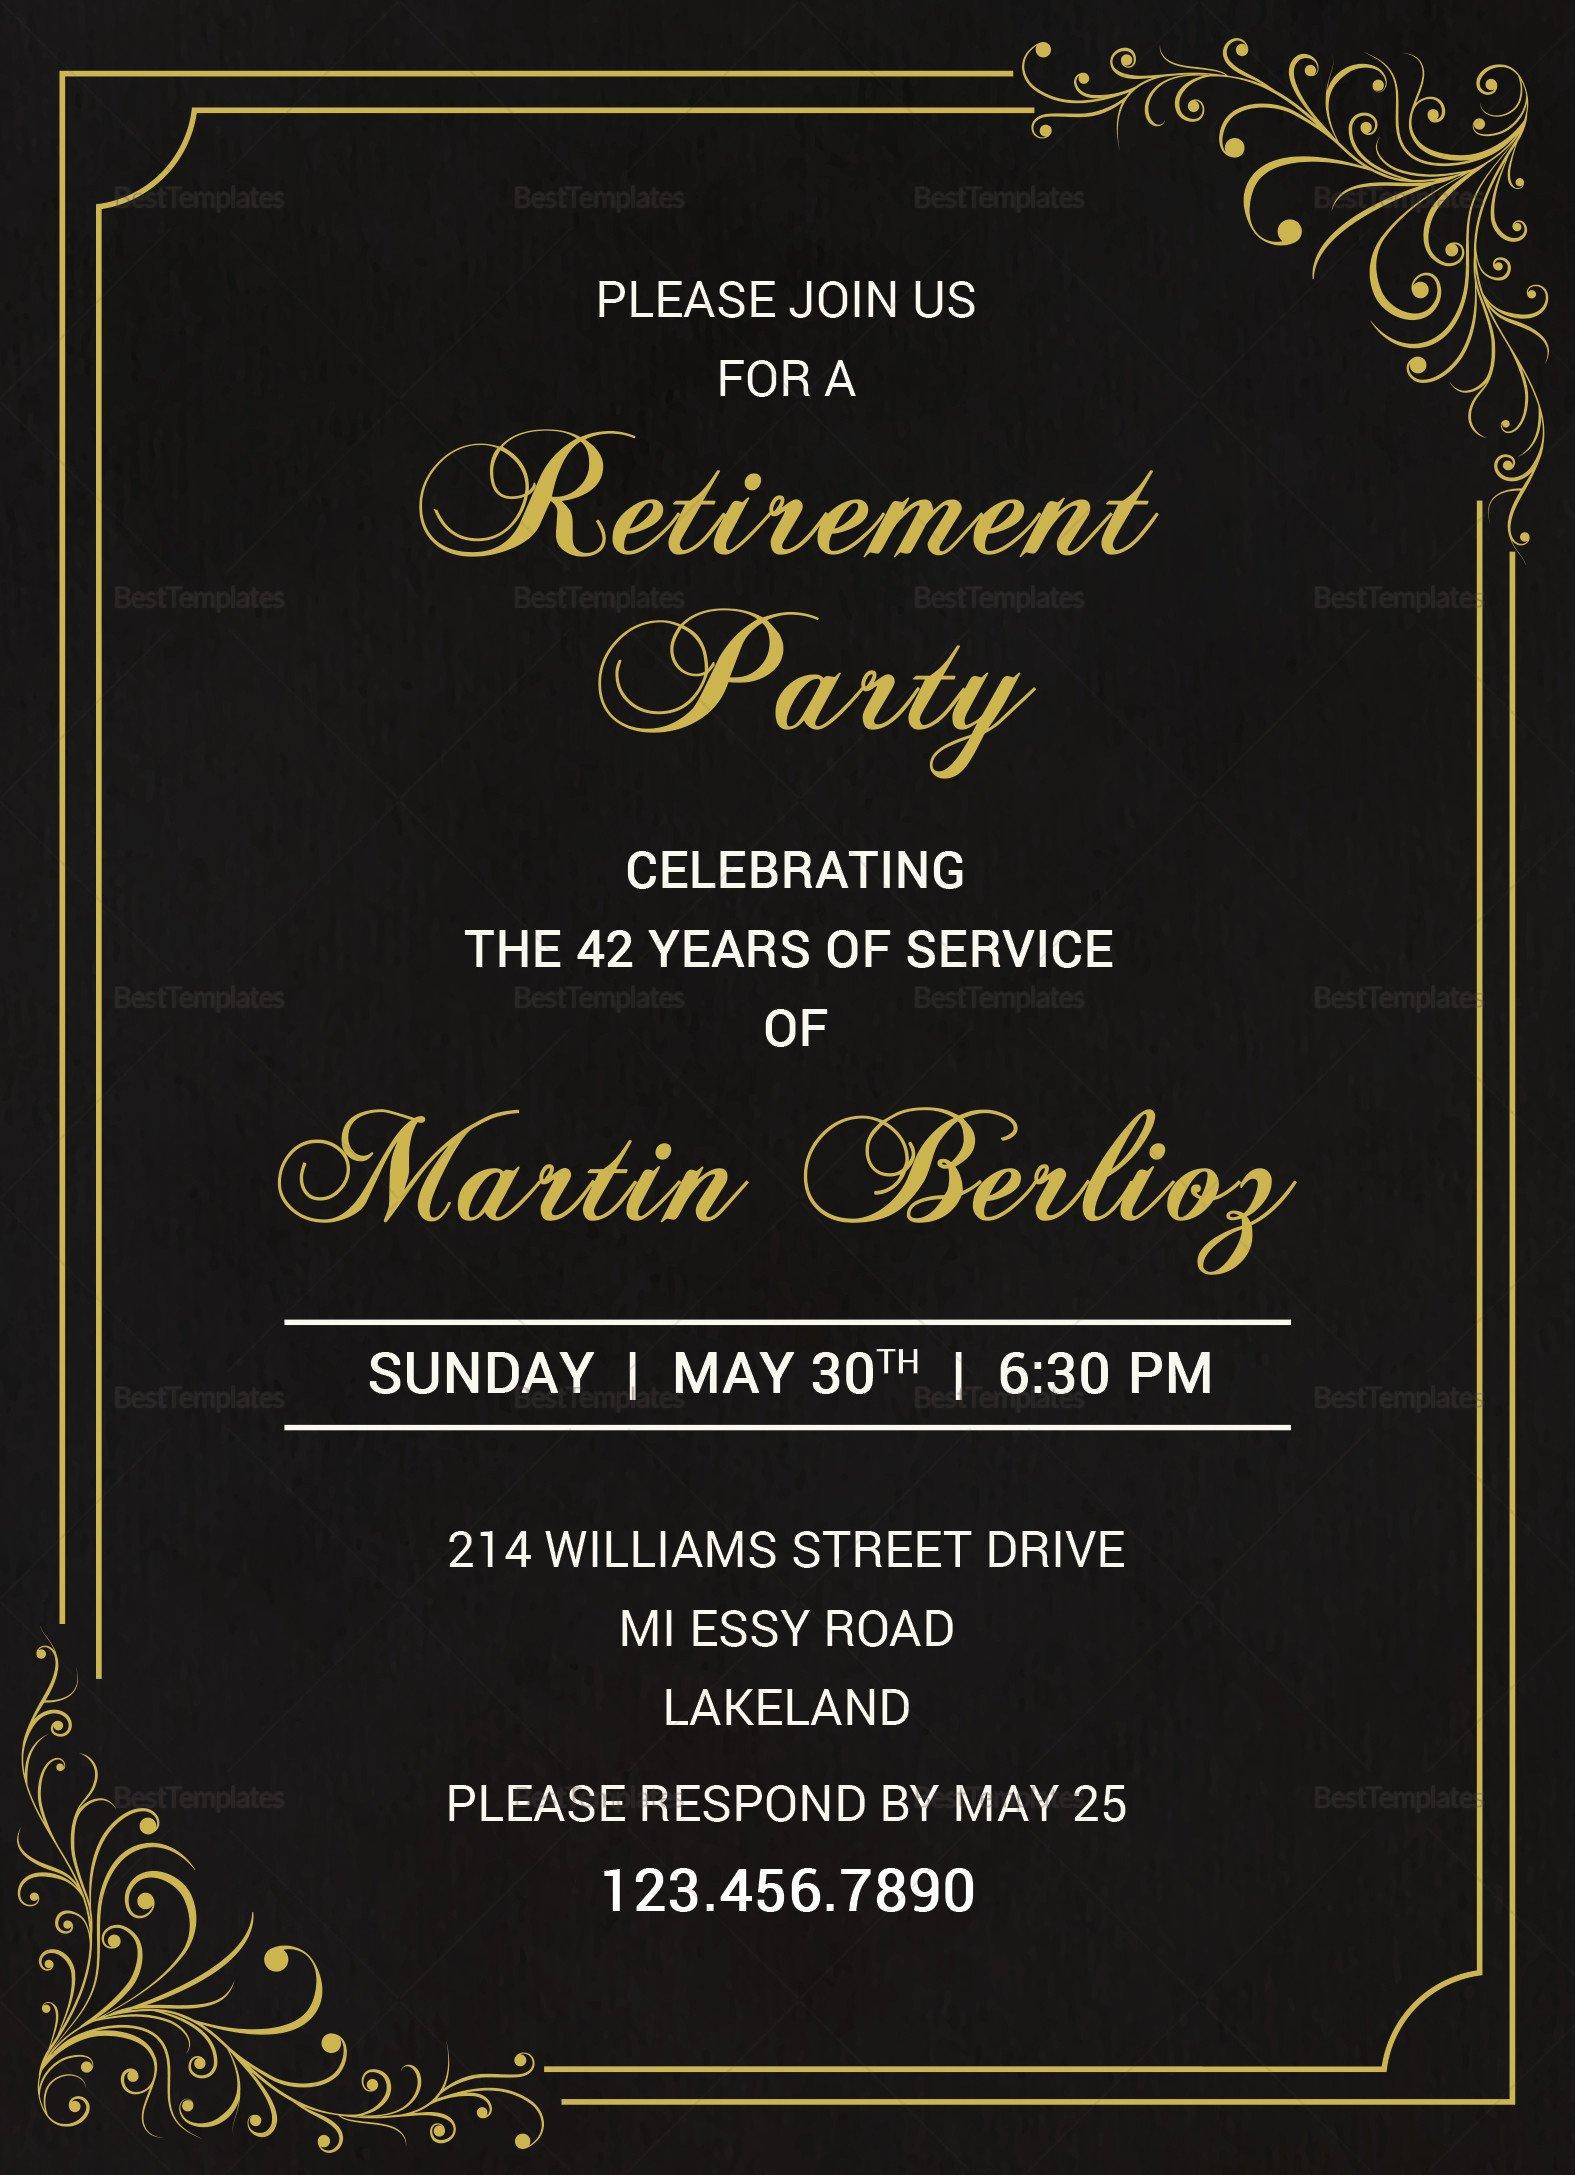 Black and Gold Invitation Template Black Gold Retirement Invitation Design Template In Psd